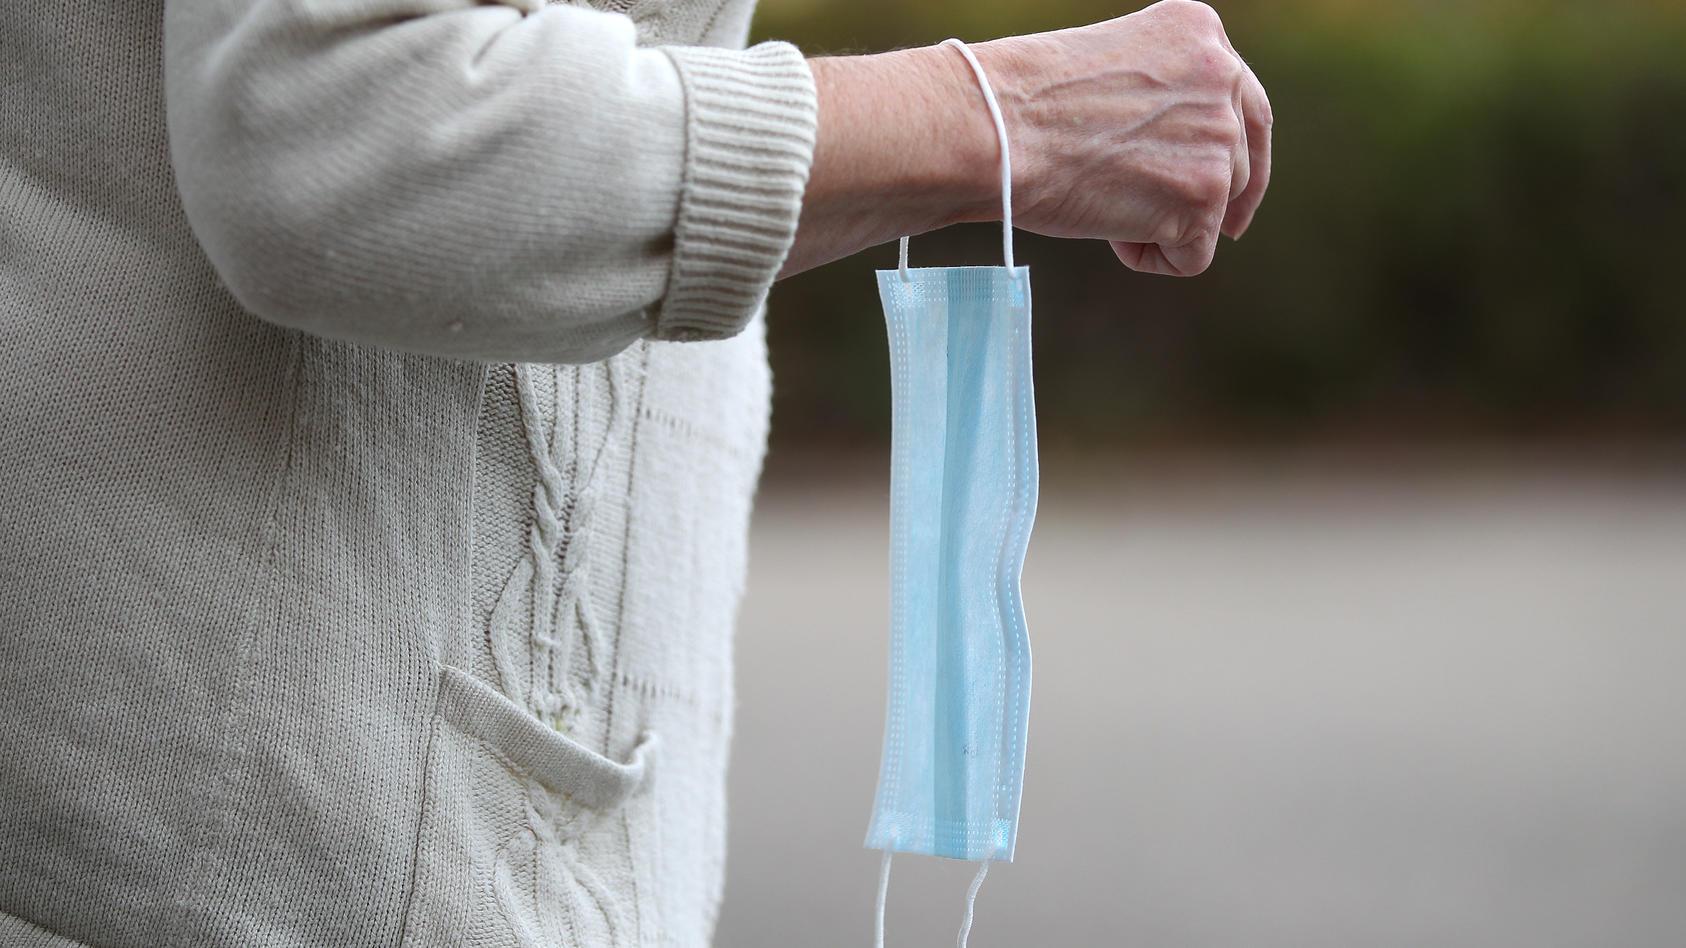 Keinen Bock auf einen Mundschutz - eine ältere Dame biss wohl einen Polizisten, als er sich auf den fehlenden Schutz aufmerksam machte.